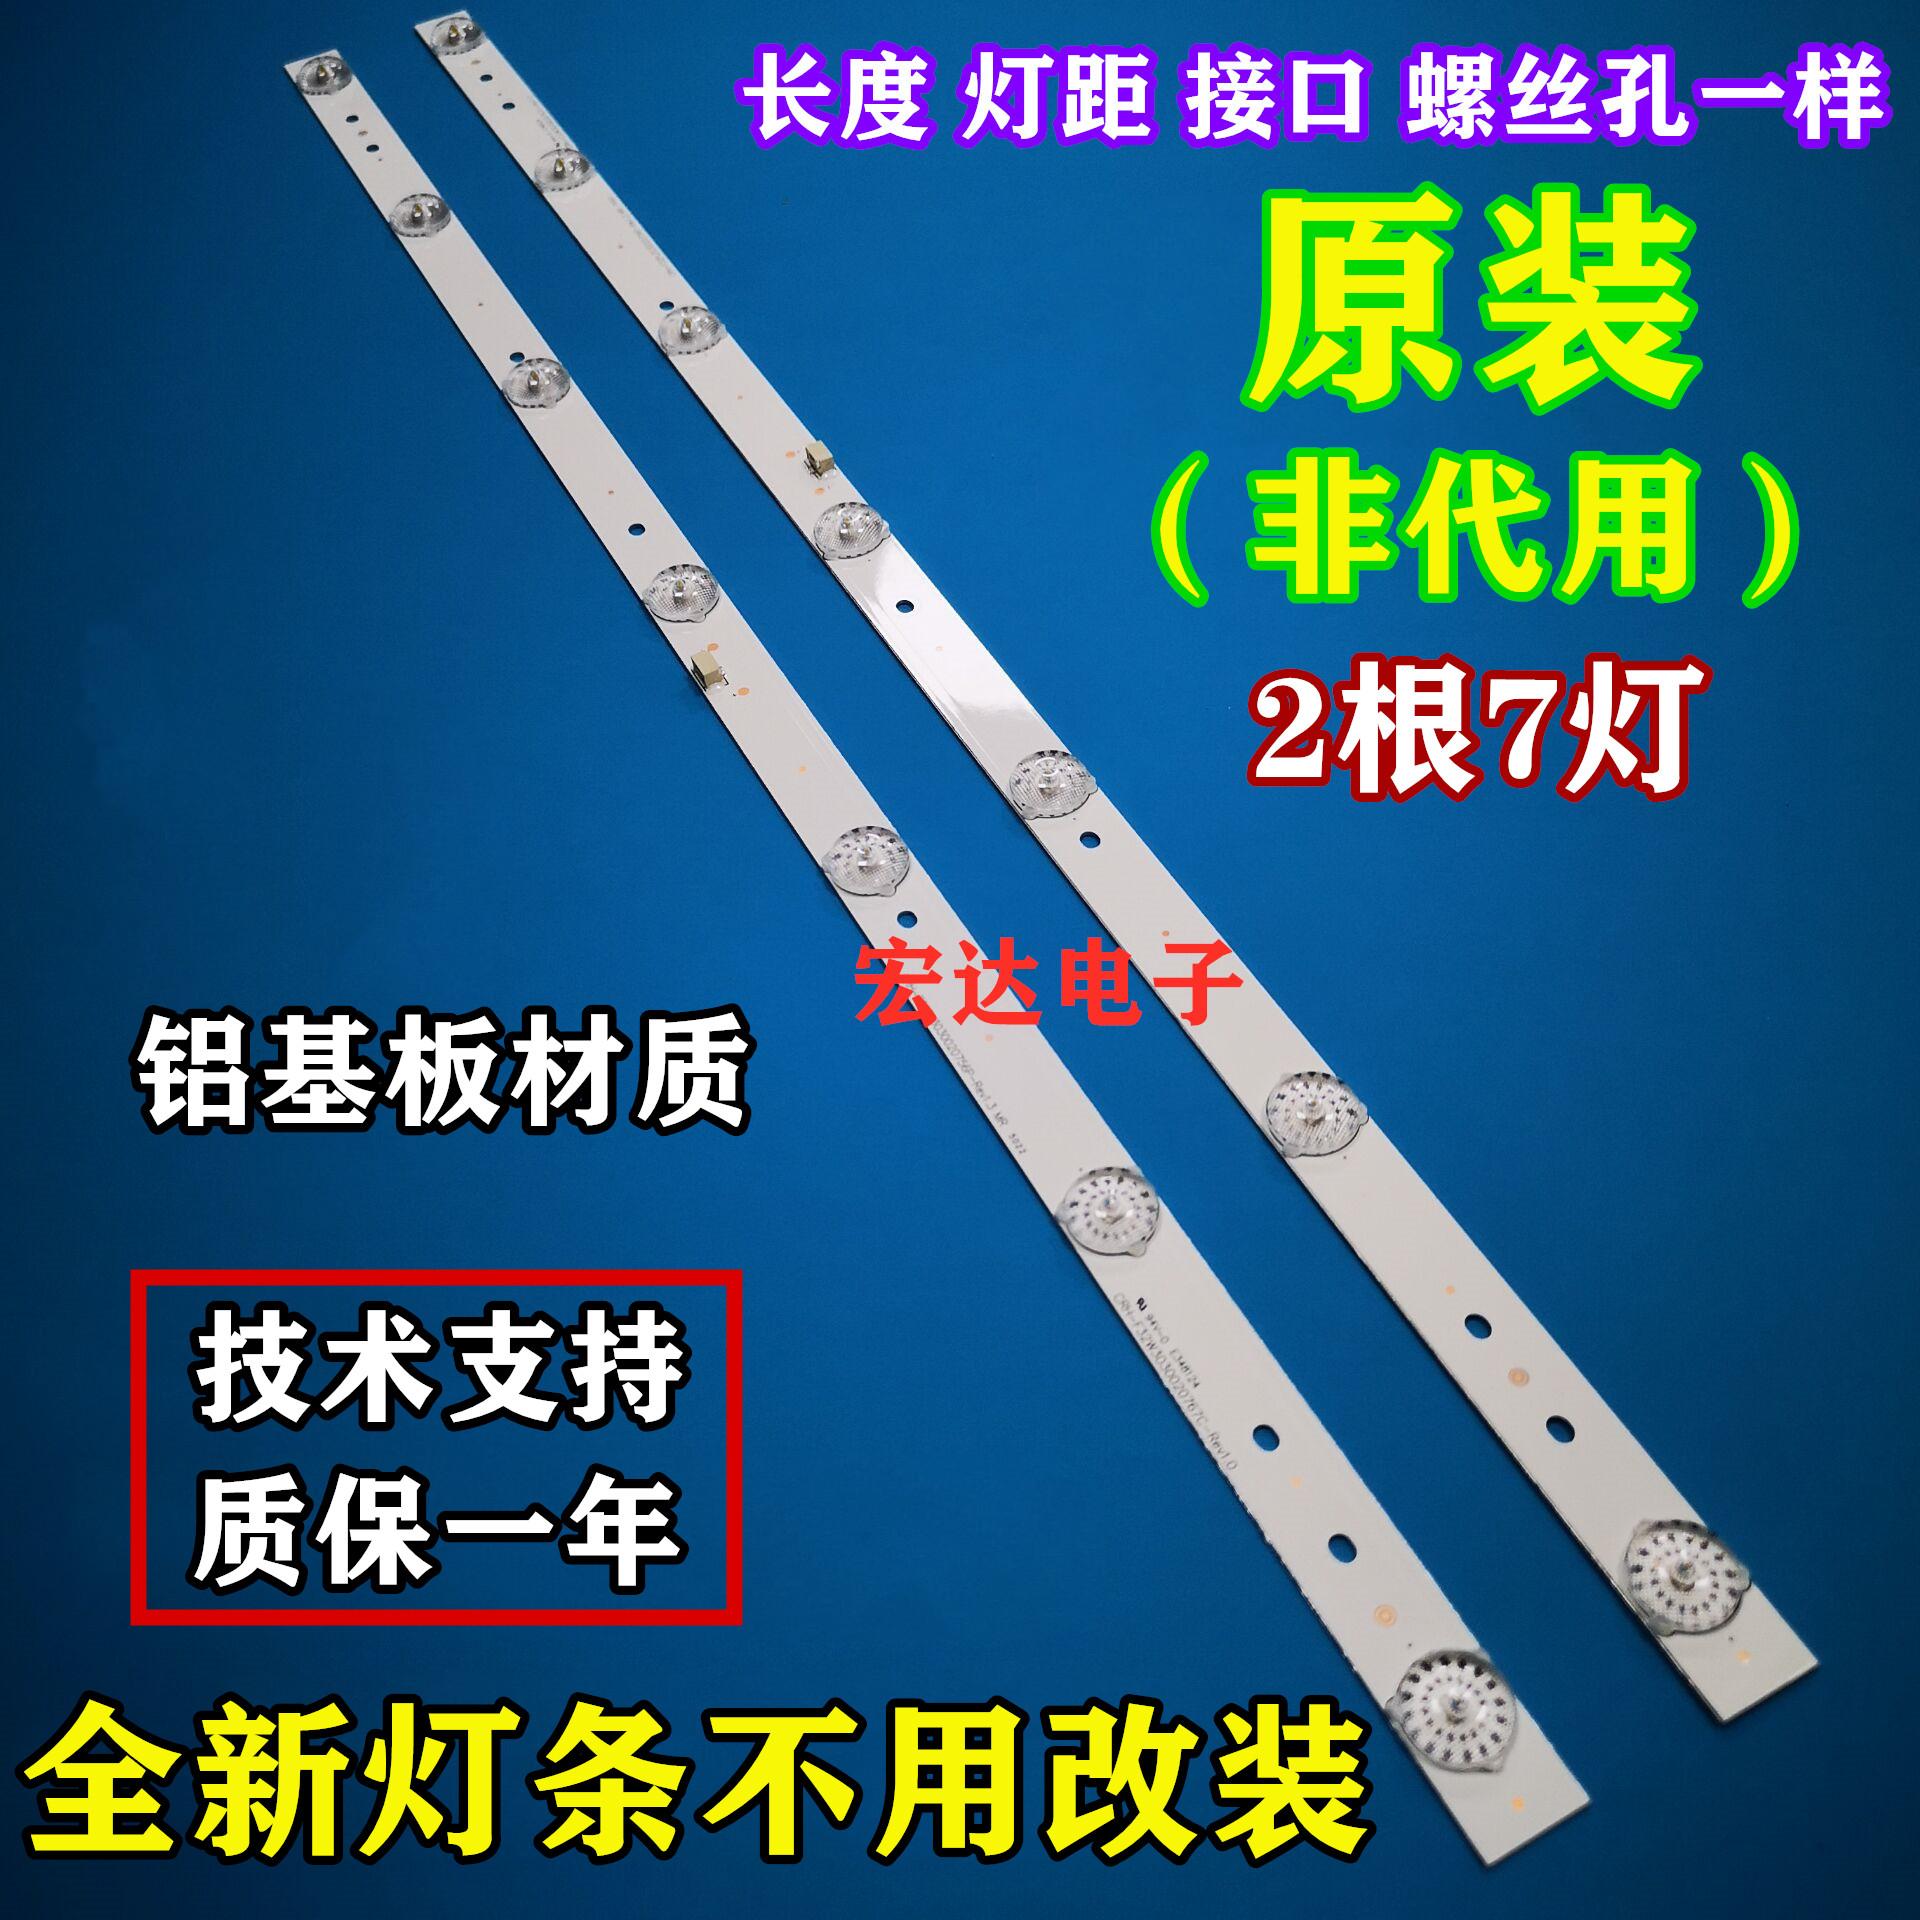 全新原装海尔LD32U3100灯条 CRH-F32W3030020767C BOEI320WXI-01